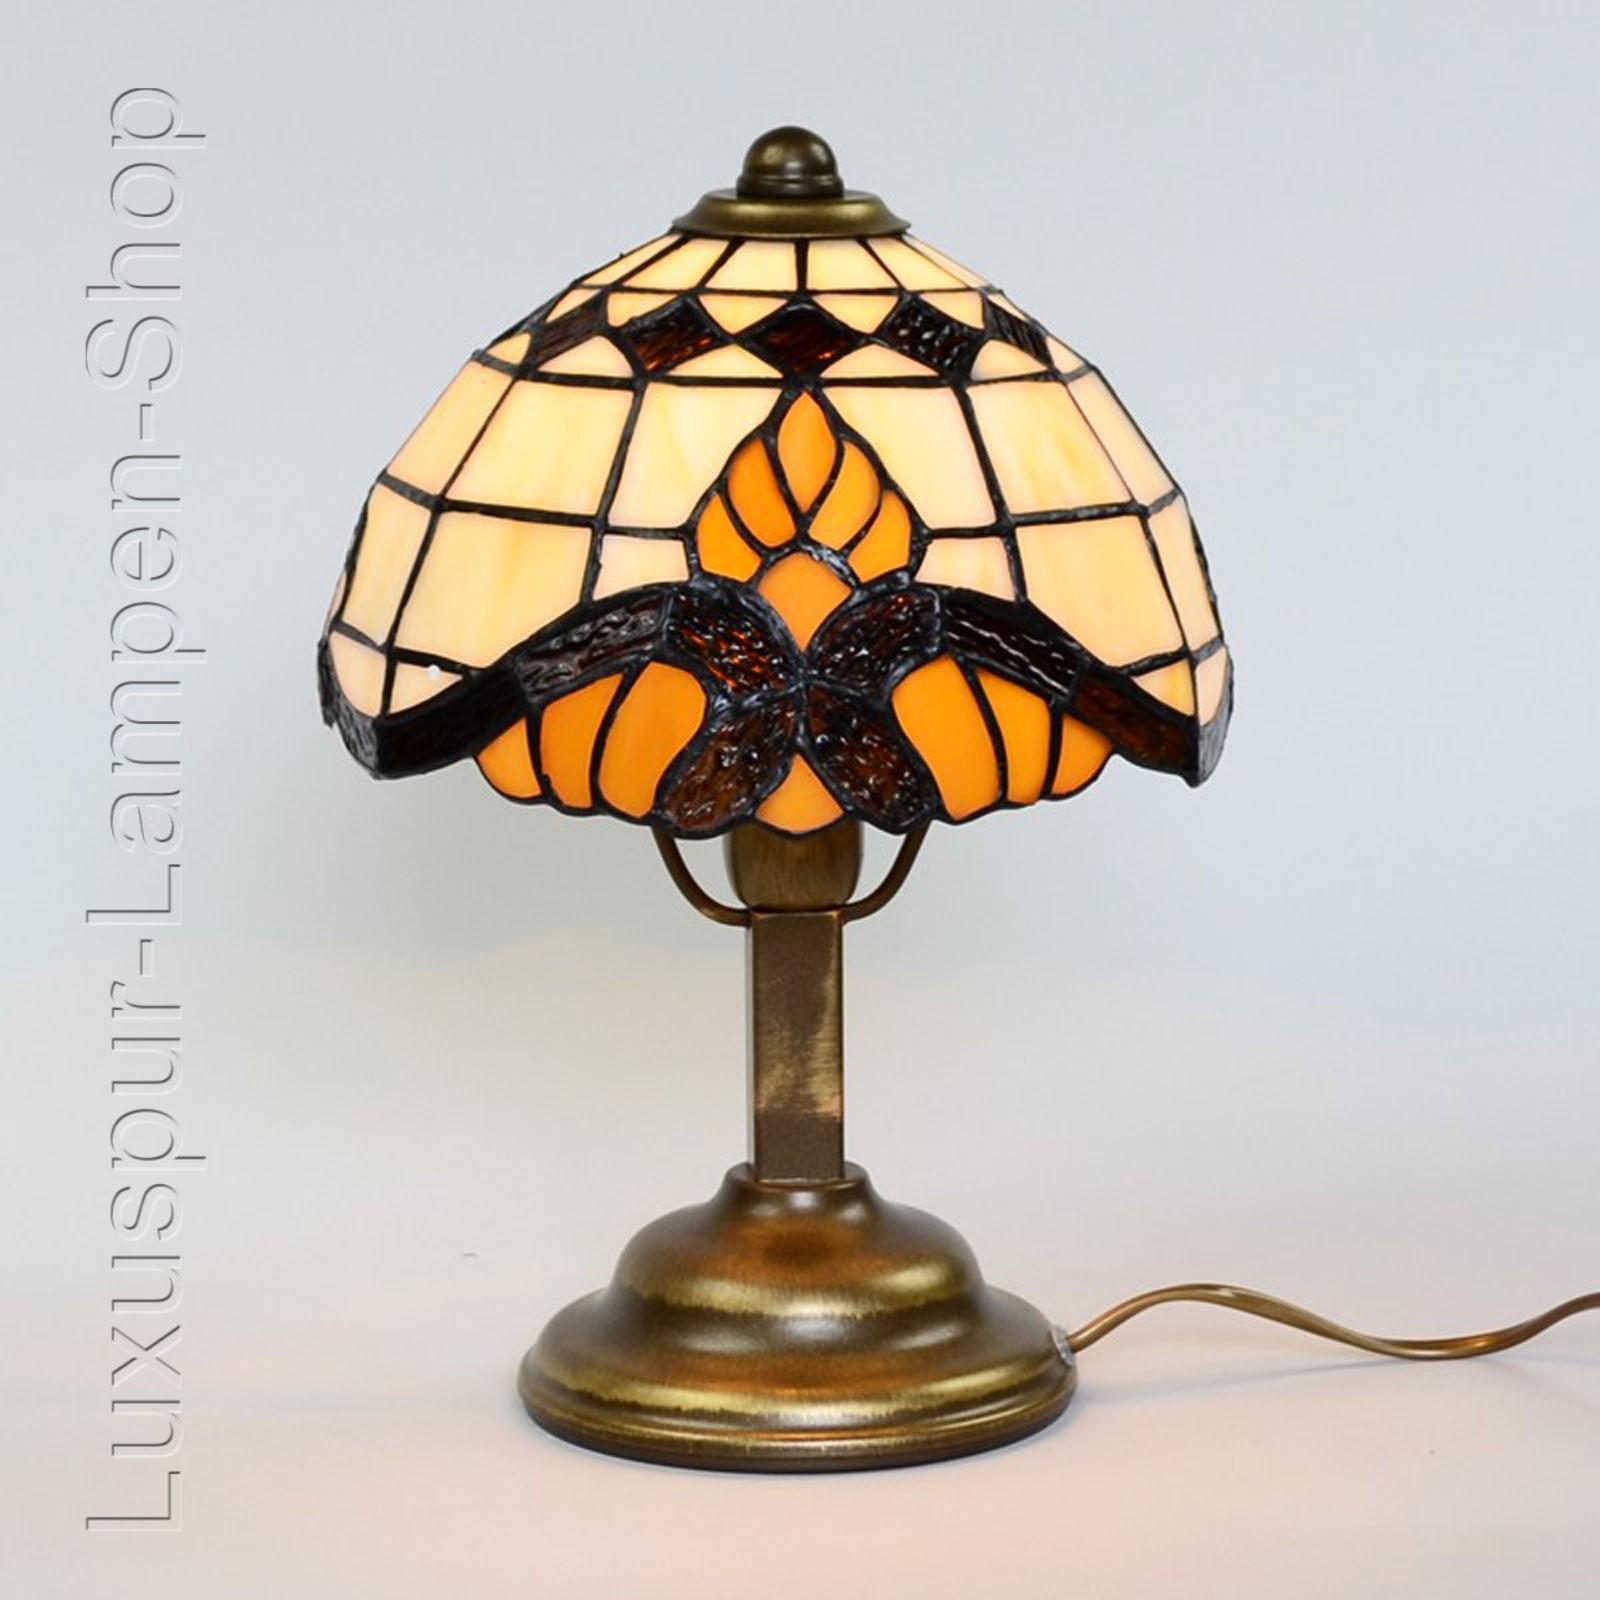 tischlampe im tiffany stil portland barock 1flammige leuchte g nstig kaufen. Black Bedroom Furniture Sets. Home Design Ideas